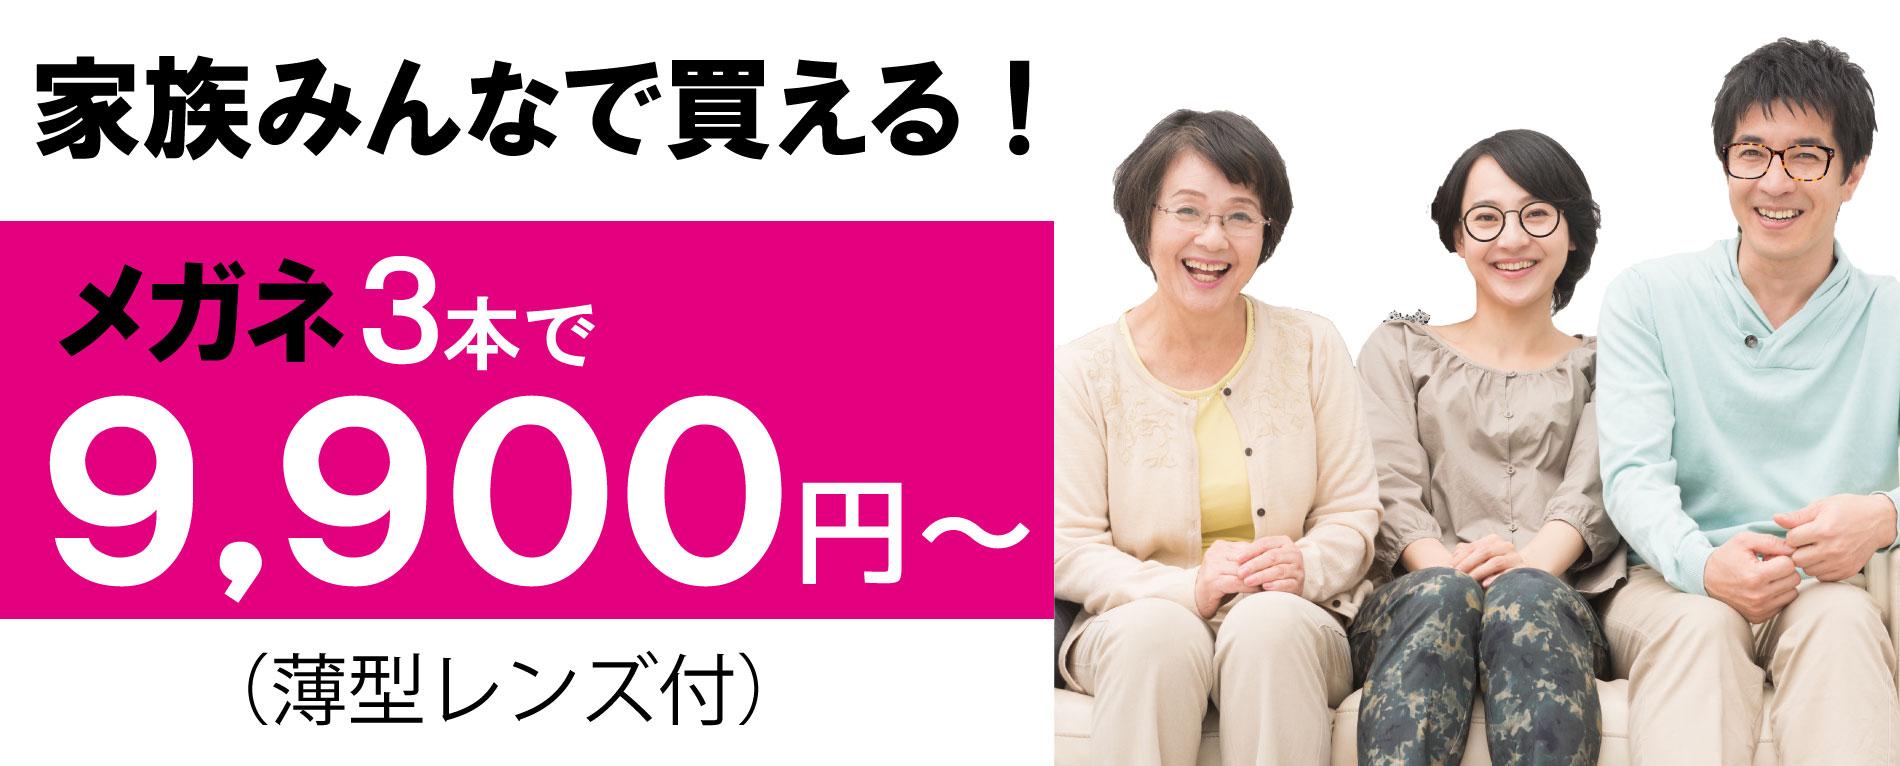 家族みんなで買える! メガネ3本で9,900円~